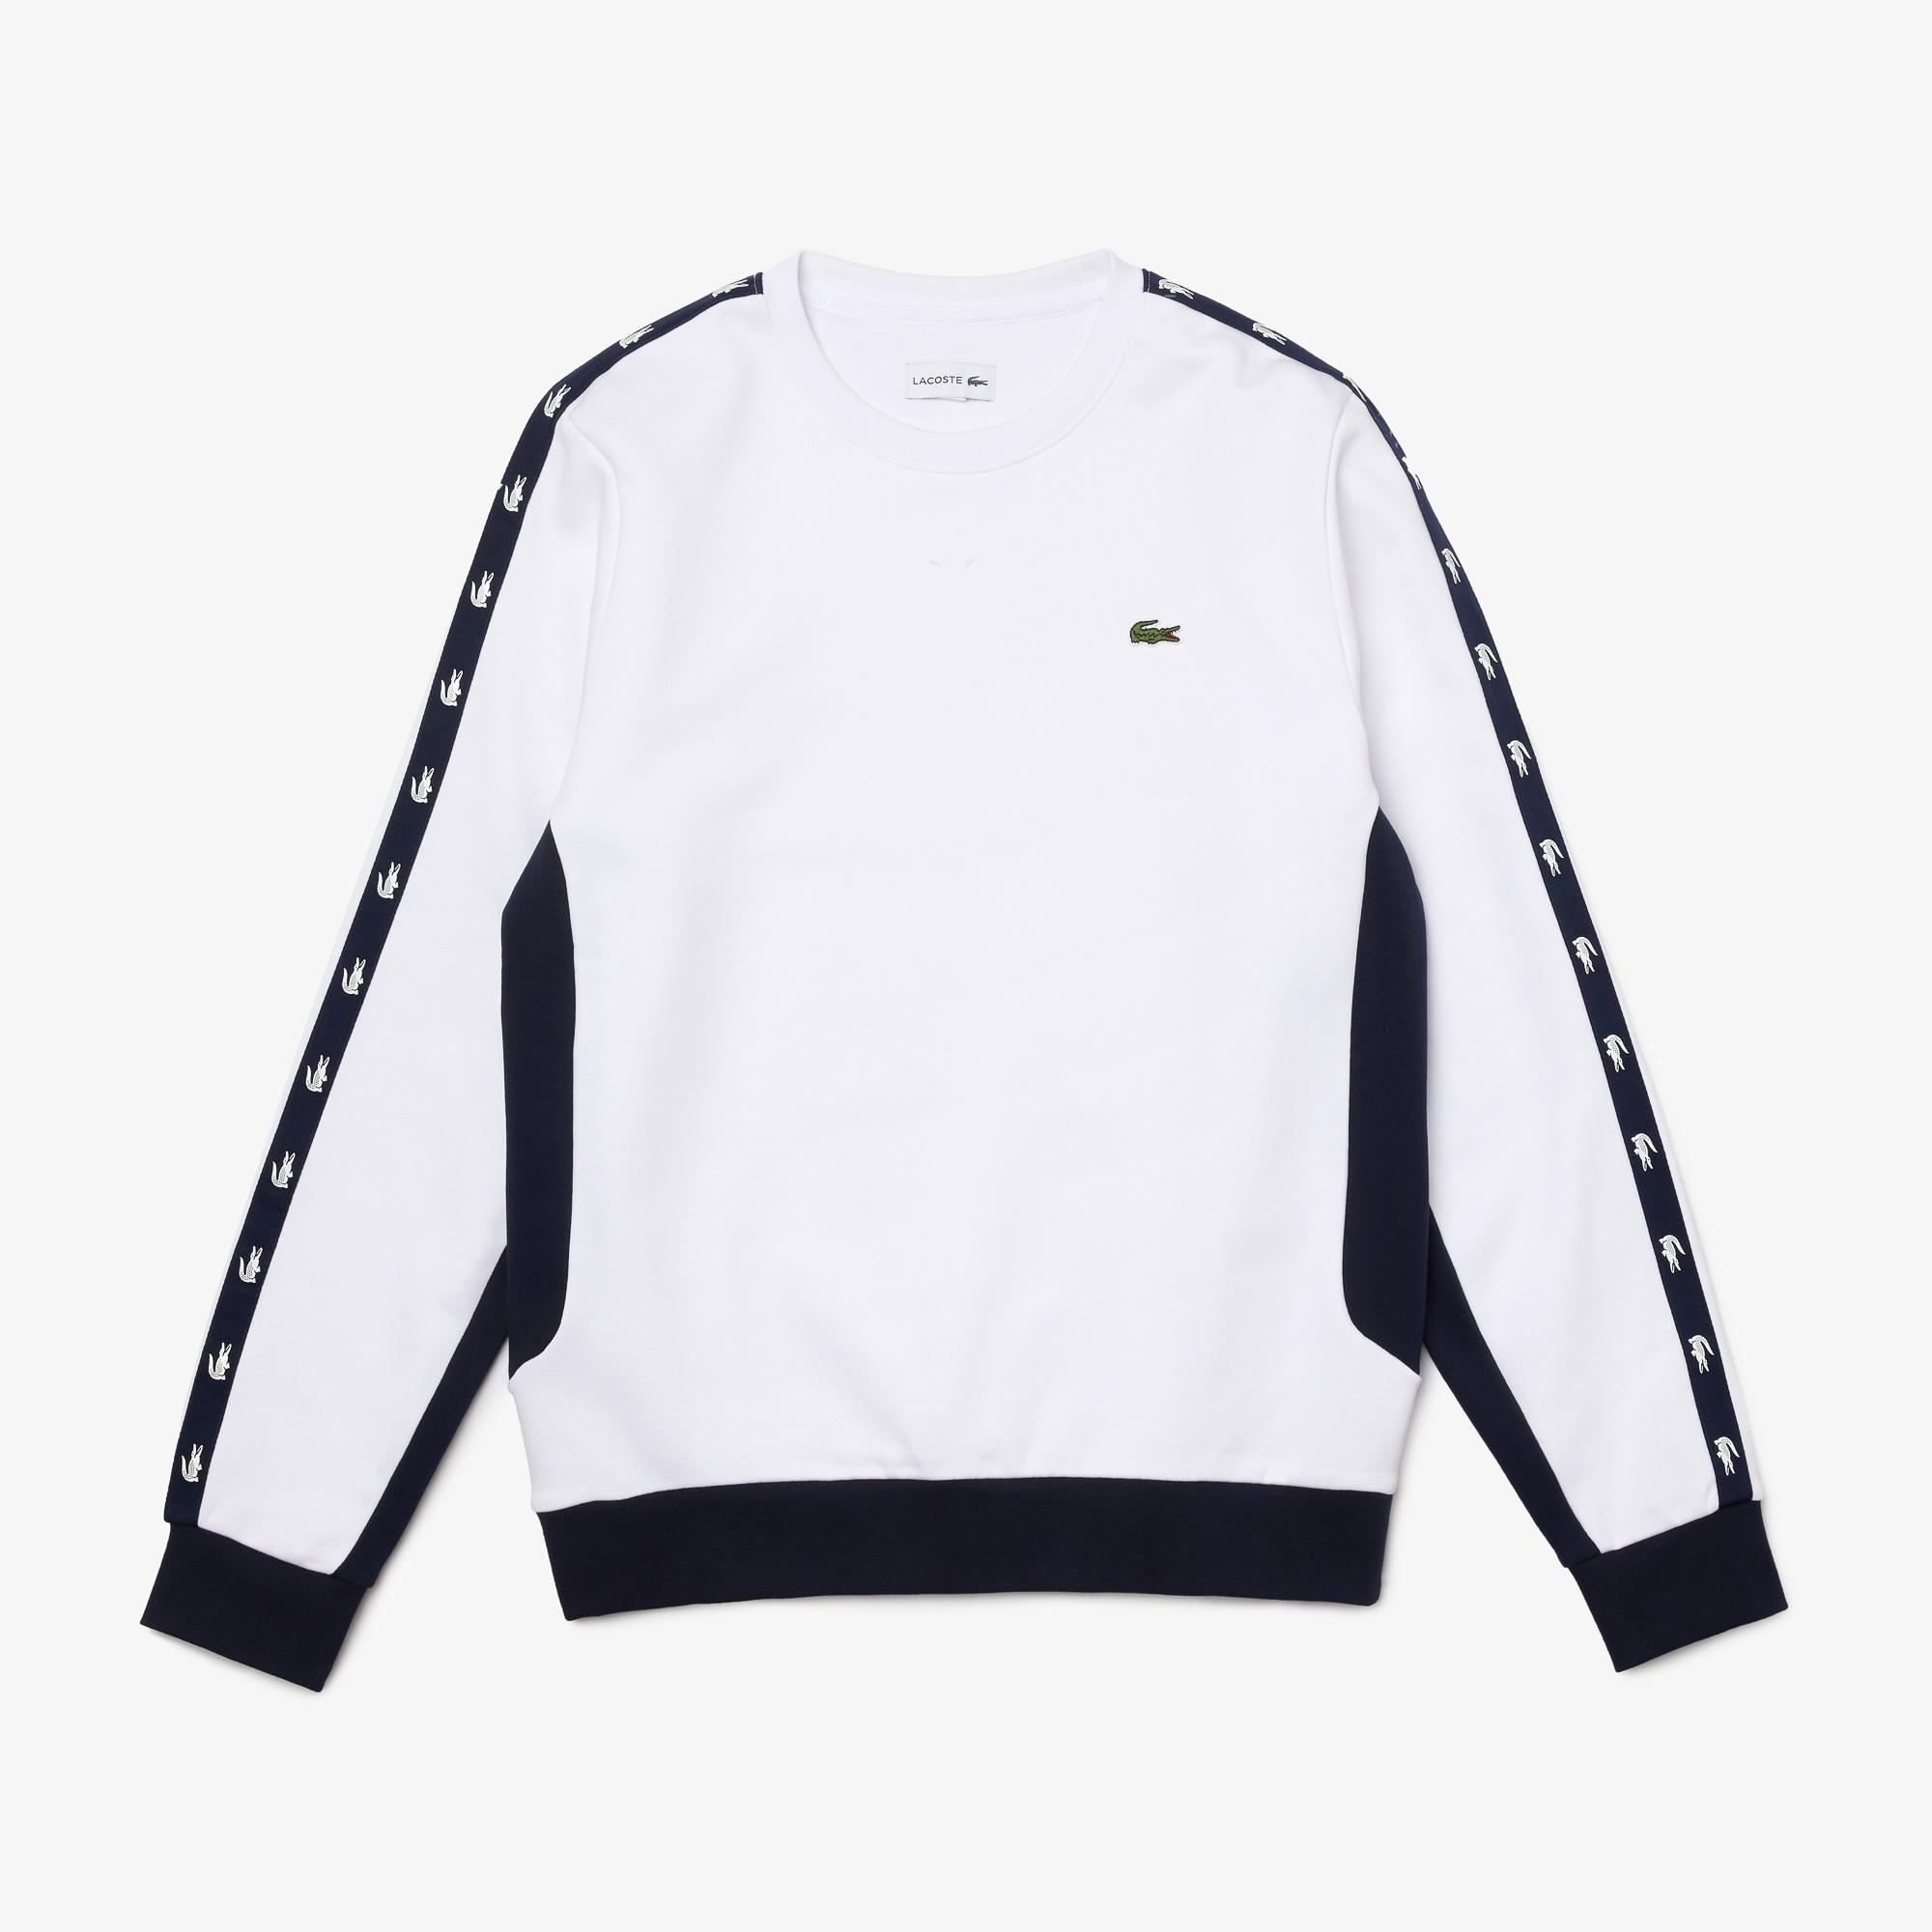 Lacoste Men?s Crew Neck Colourblock Fleece Sweatshirt